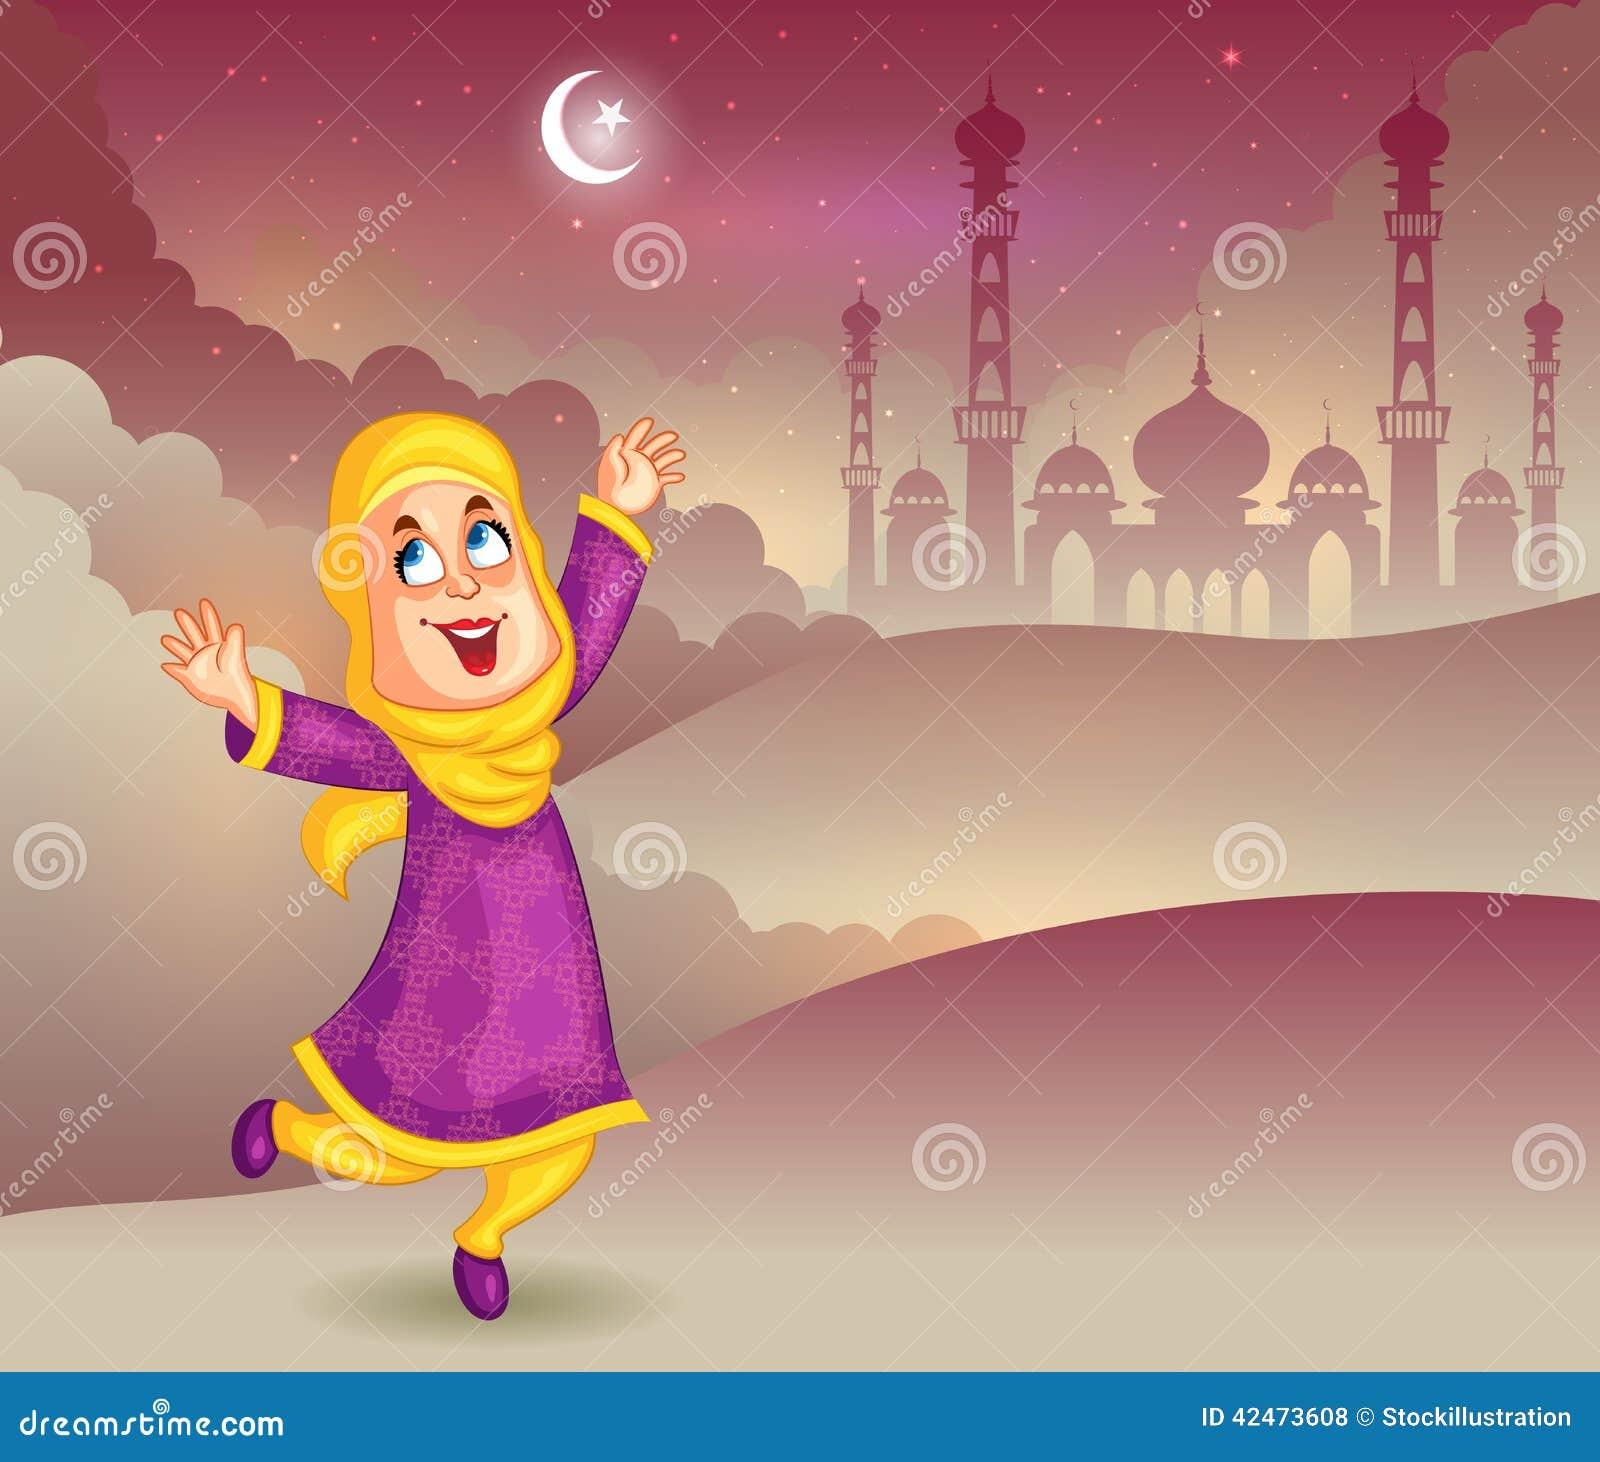 Glückliches moslemisches Mädchen, das Eid Mubarak wünscht